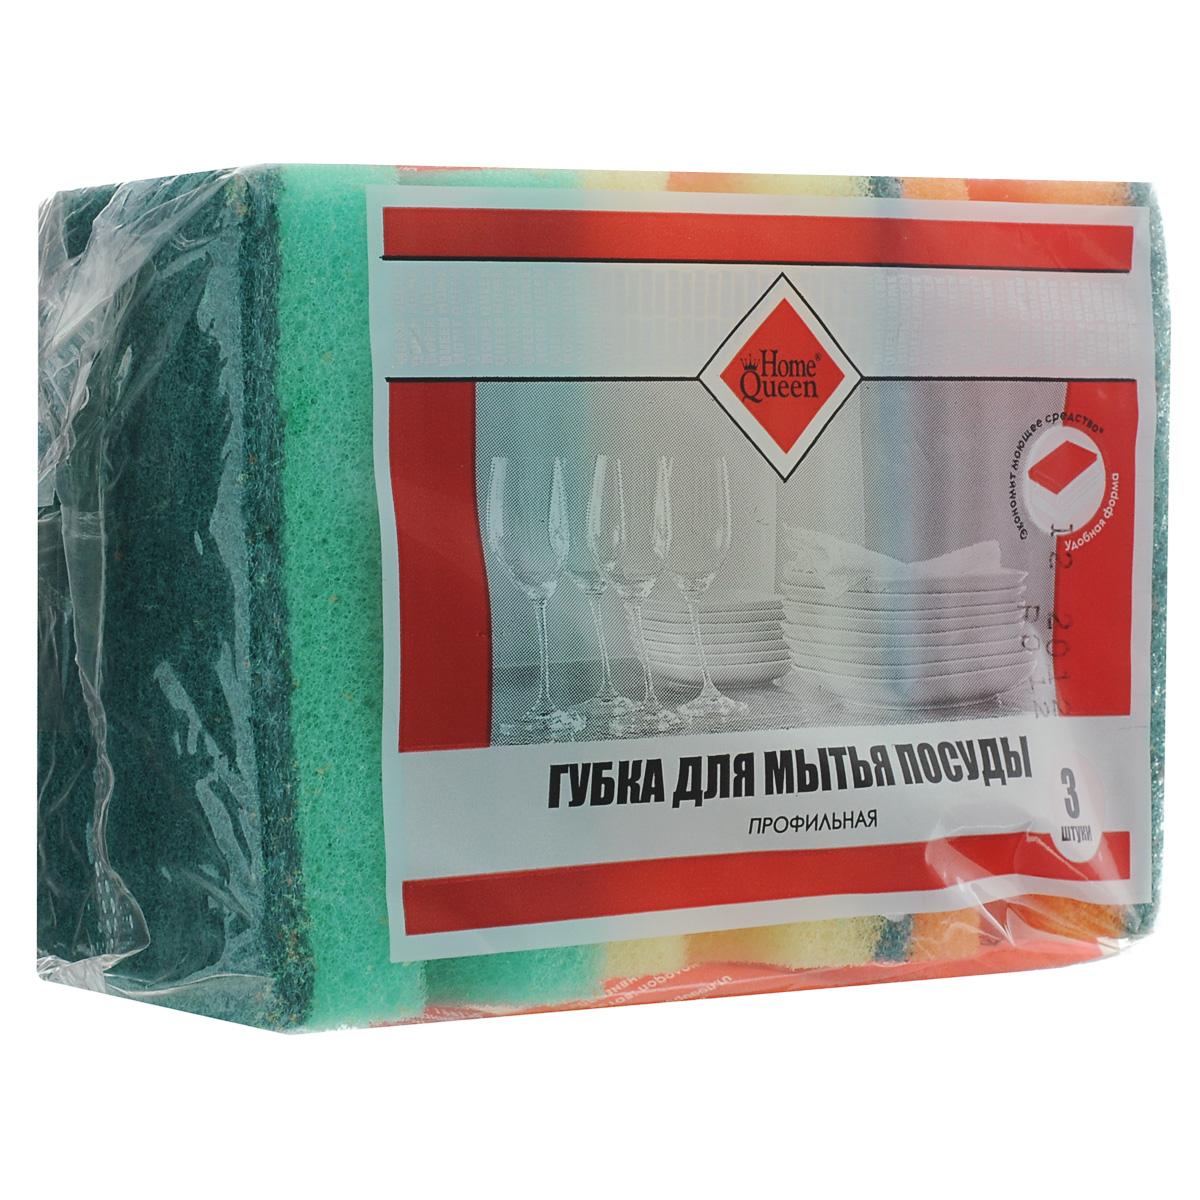 Губка для мытья посуды Home Queen, профильная, 3 шт57129Губка для мытья посуды Home Queen выполнена из особо прочного поролона и фибры с абразивом. Предназначена для мытья посуды, столовых приборов, кухонной утвари, а также подходит для чистки поверхности плит, раковин, ванн и кафеля. Удобна в применении, благодаря углублению (профилю), который позволяет дольше удерживать моющее средство внутри. Размер губки: 8,5 см х 6,5 см х 4 см. Комплектация: 3 шт. Уважаемые клиенты! Обращаем ваше внимание, что сочетание цветов в упаковке может различаться.